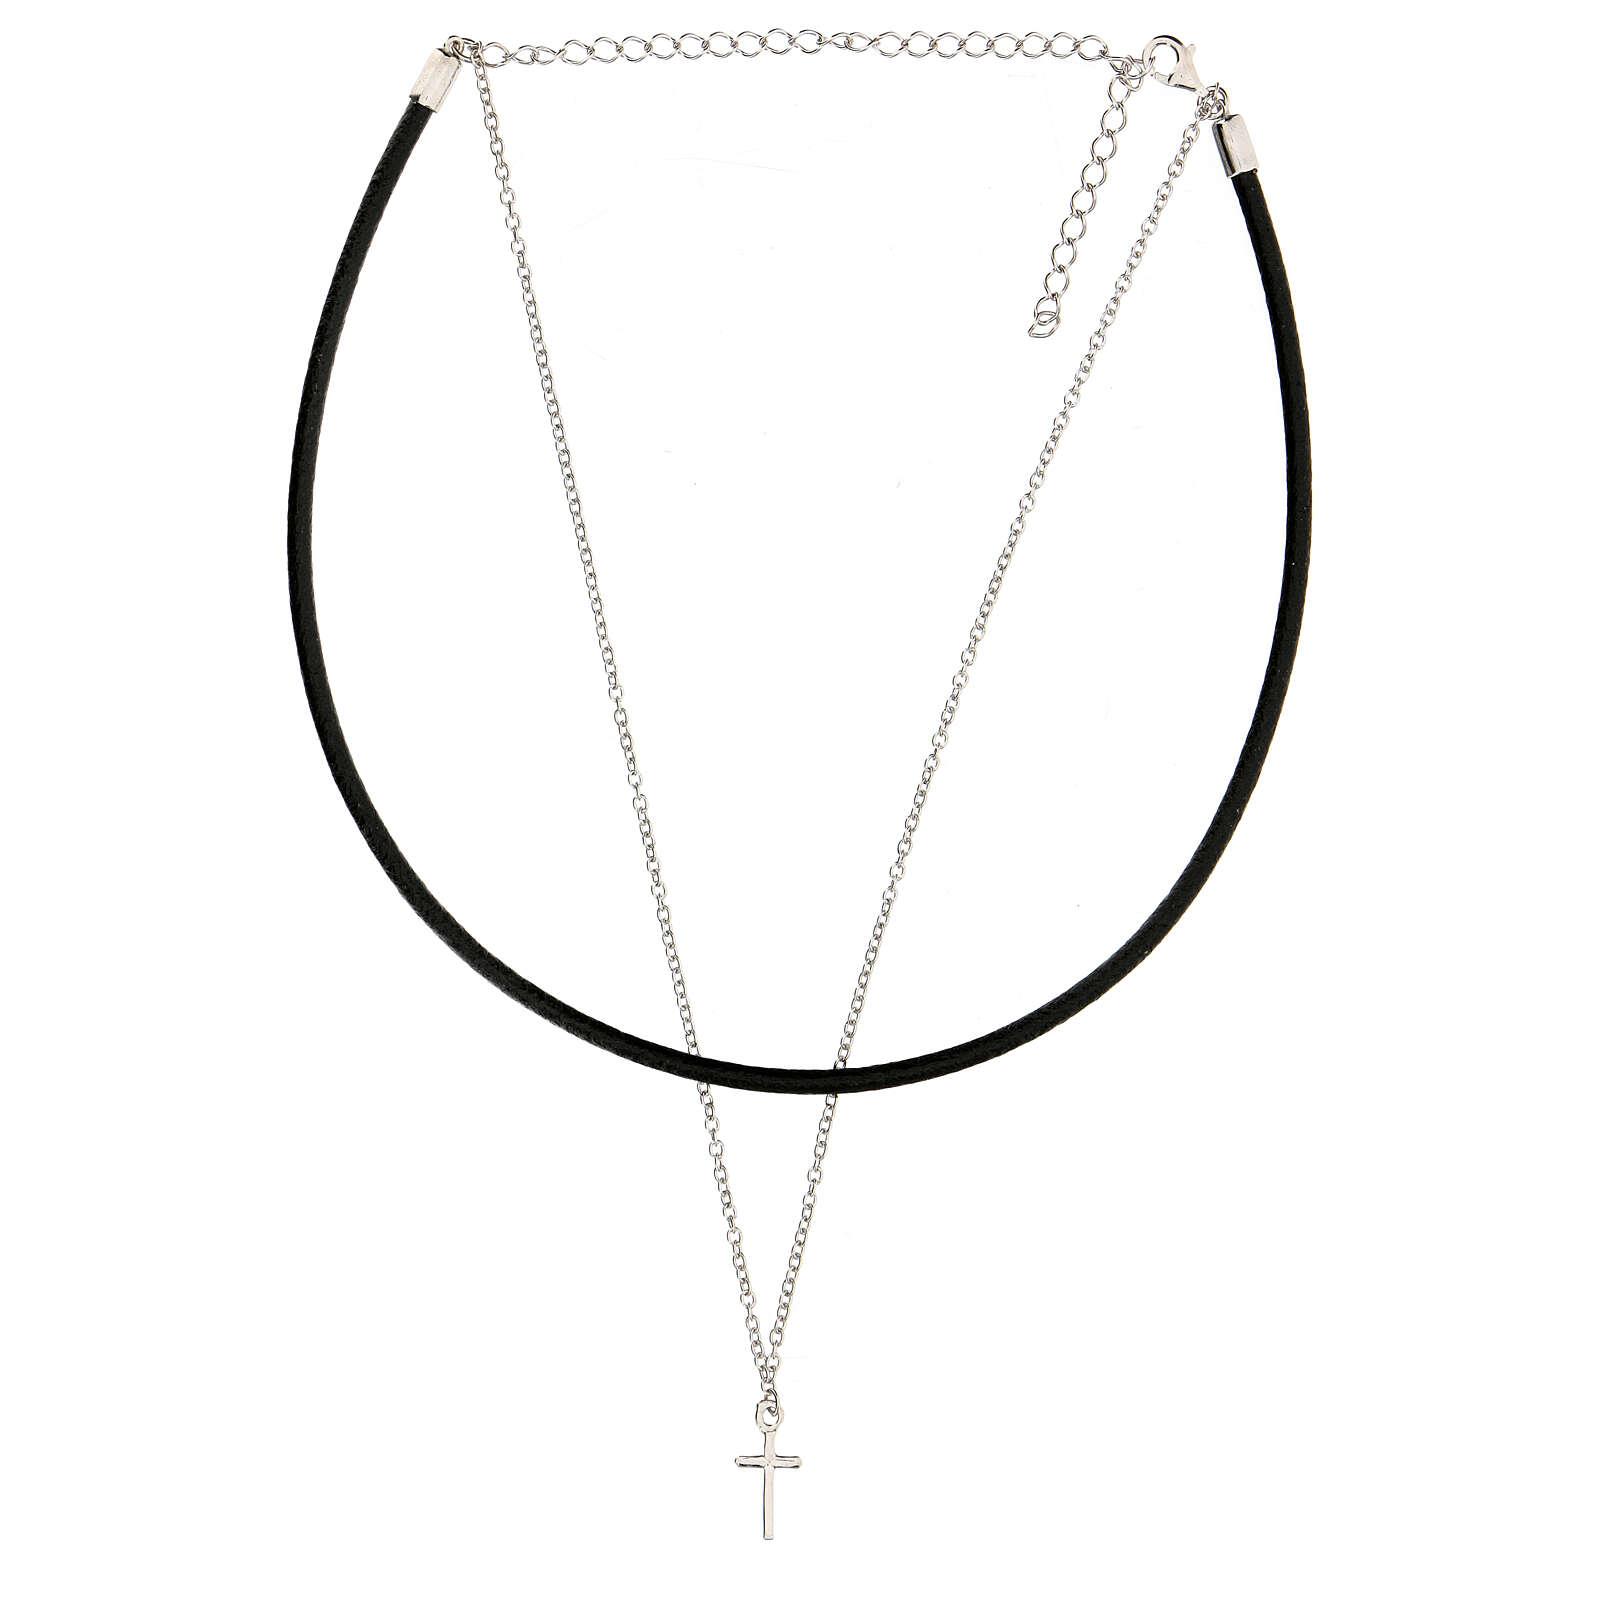 Collier tour de cou croix argent 925 cuir noir 4